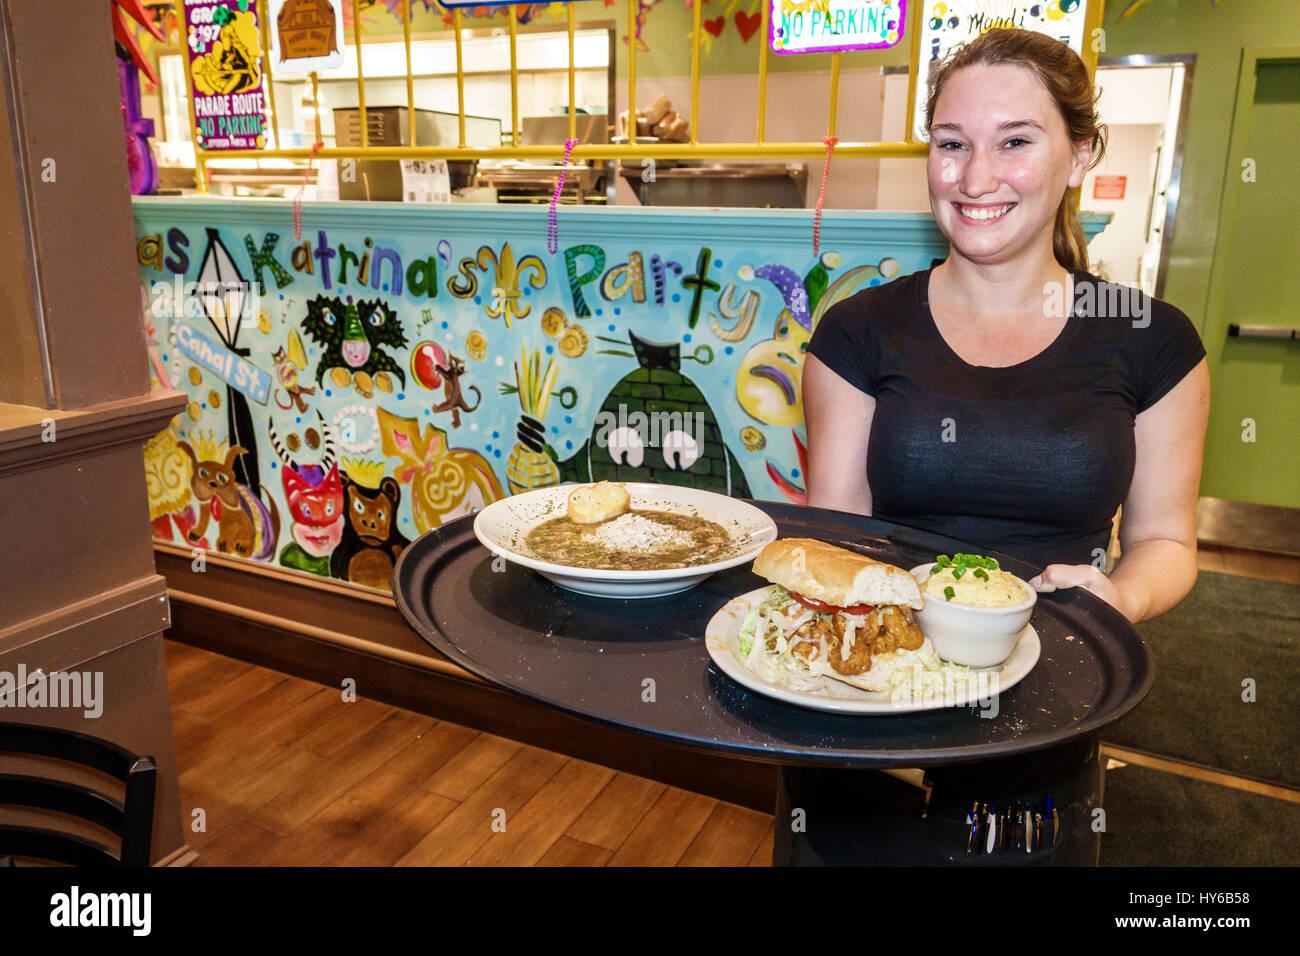 New Orleans Küche | Winter Park Orlando Florida Tibby New Orleans Kuche Restaurant Innen